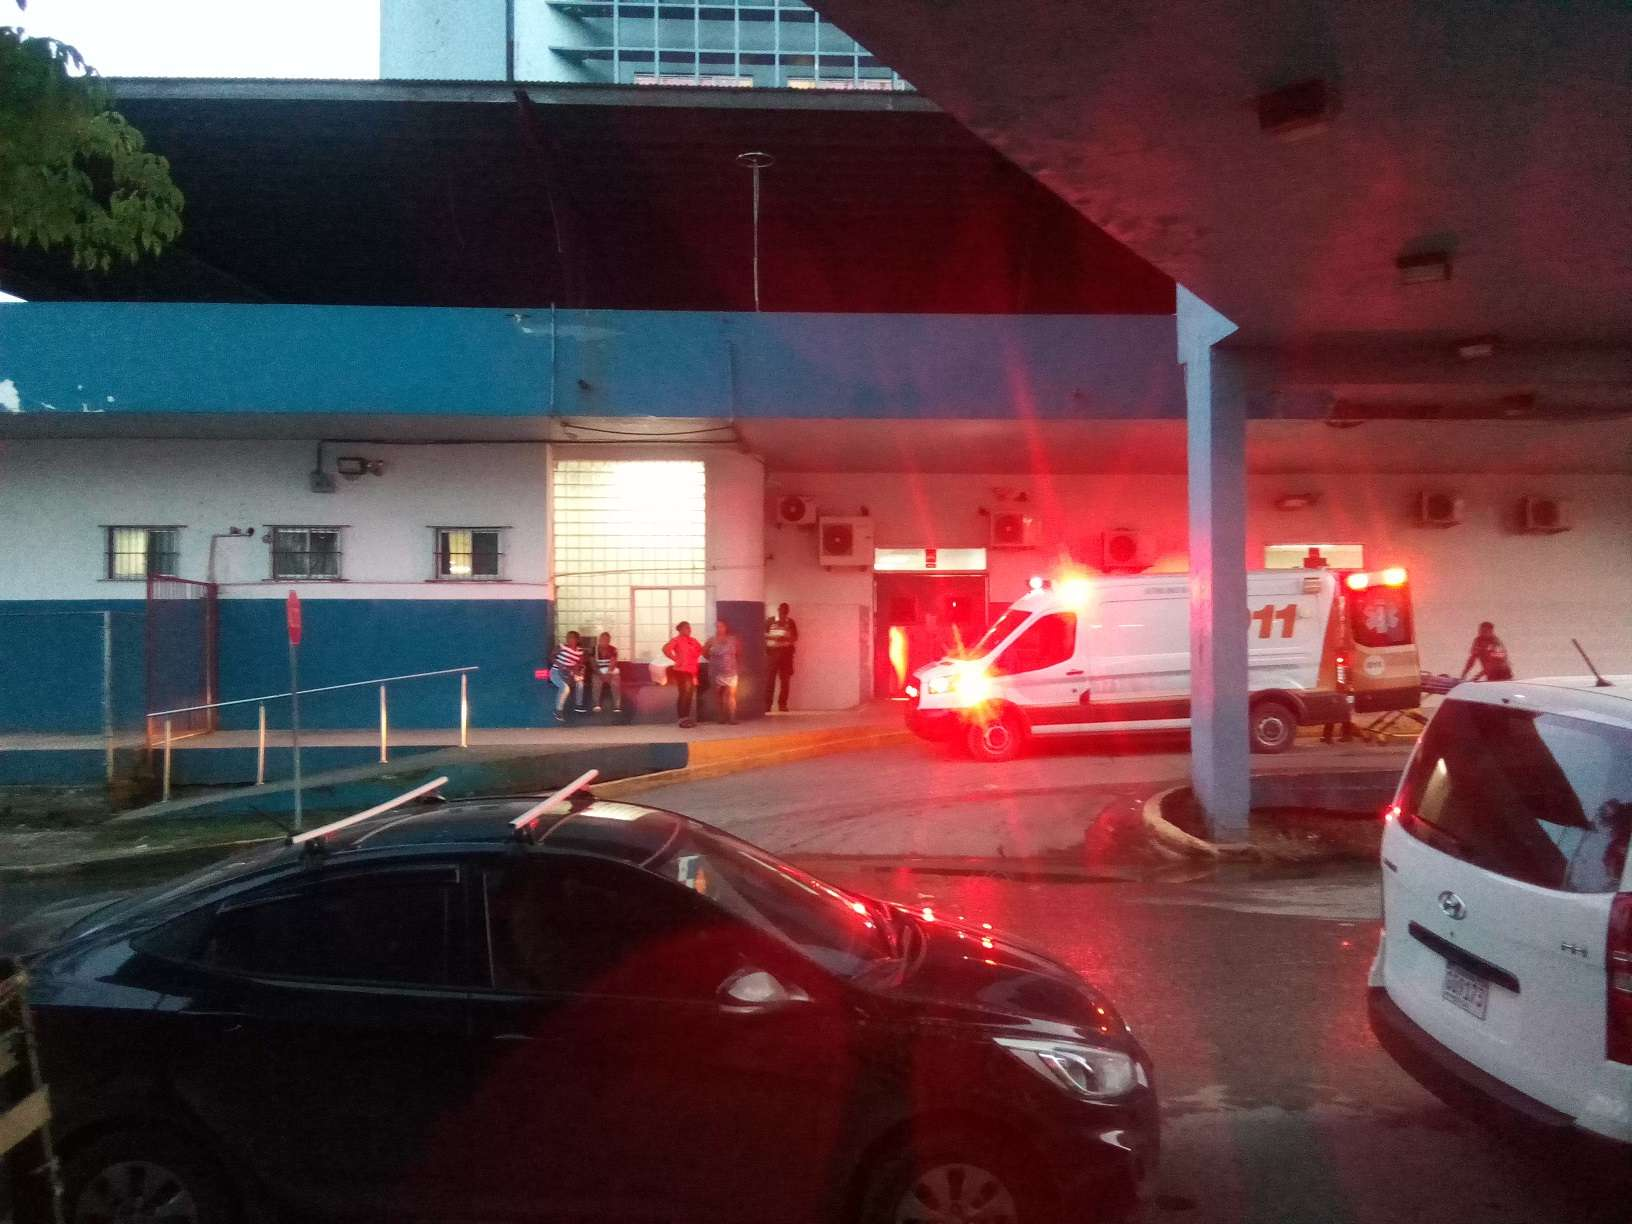 Una ambulancia traslado a uno de las víctimas agonizando al hospital Manuel Amador Guerrero, pero no sobrevivió. Foto: Diómedes Sánchez